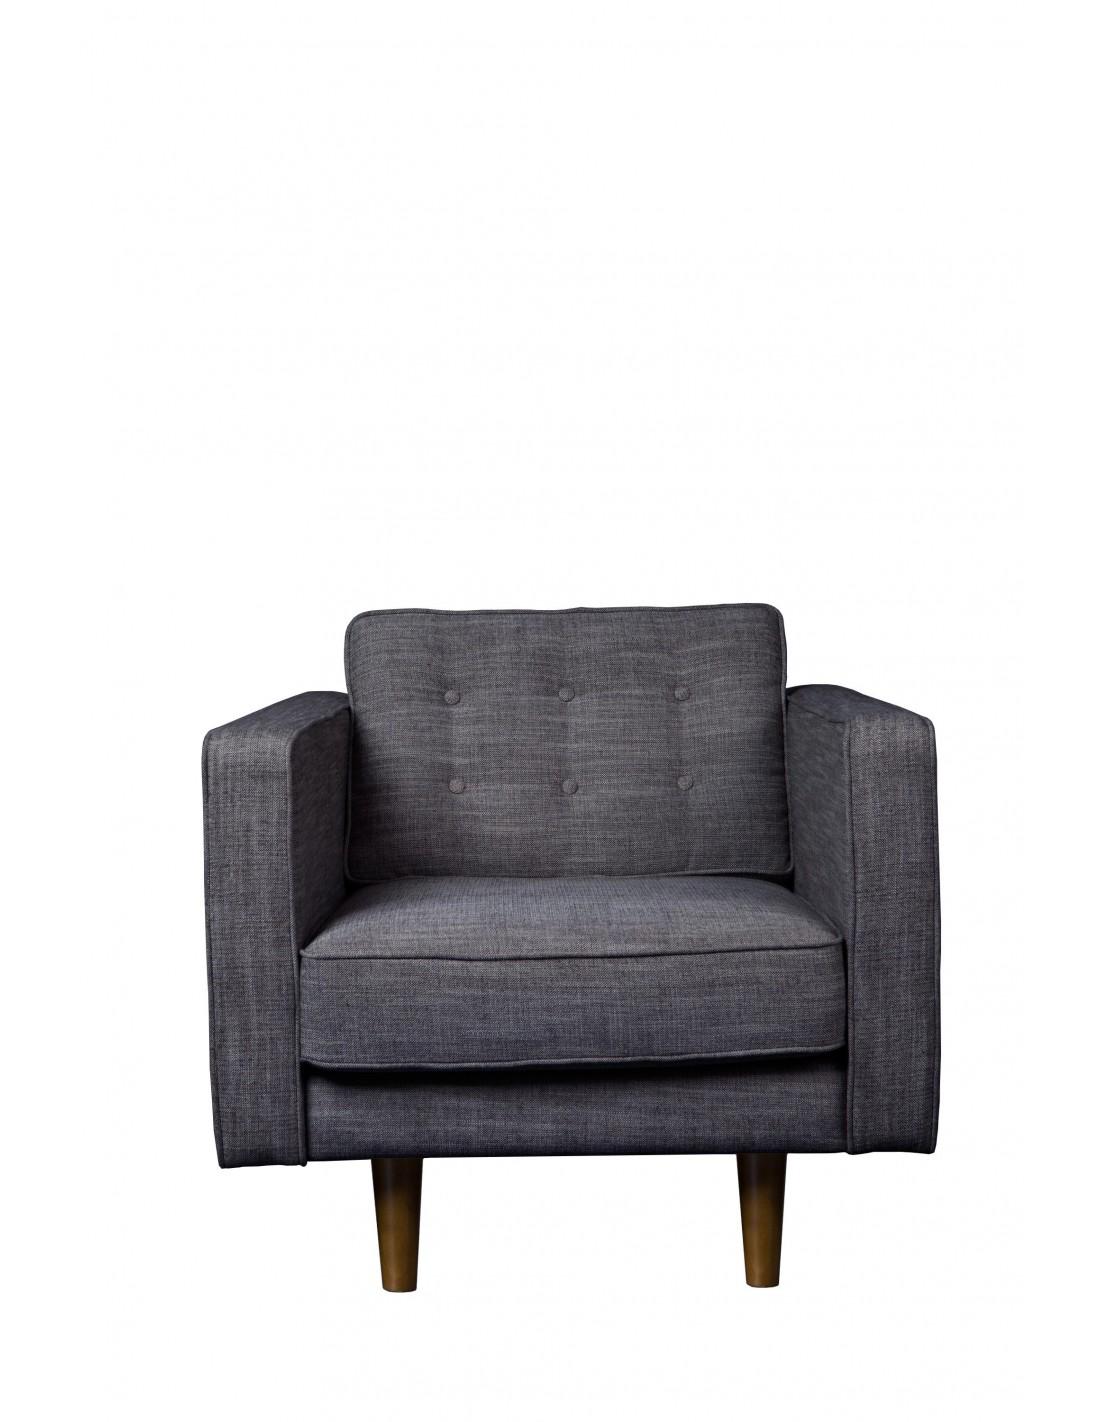 N101 canapé - 1 place - Ash grey (sans coussin) 81 x 93 x 80